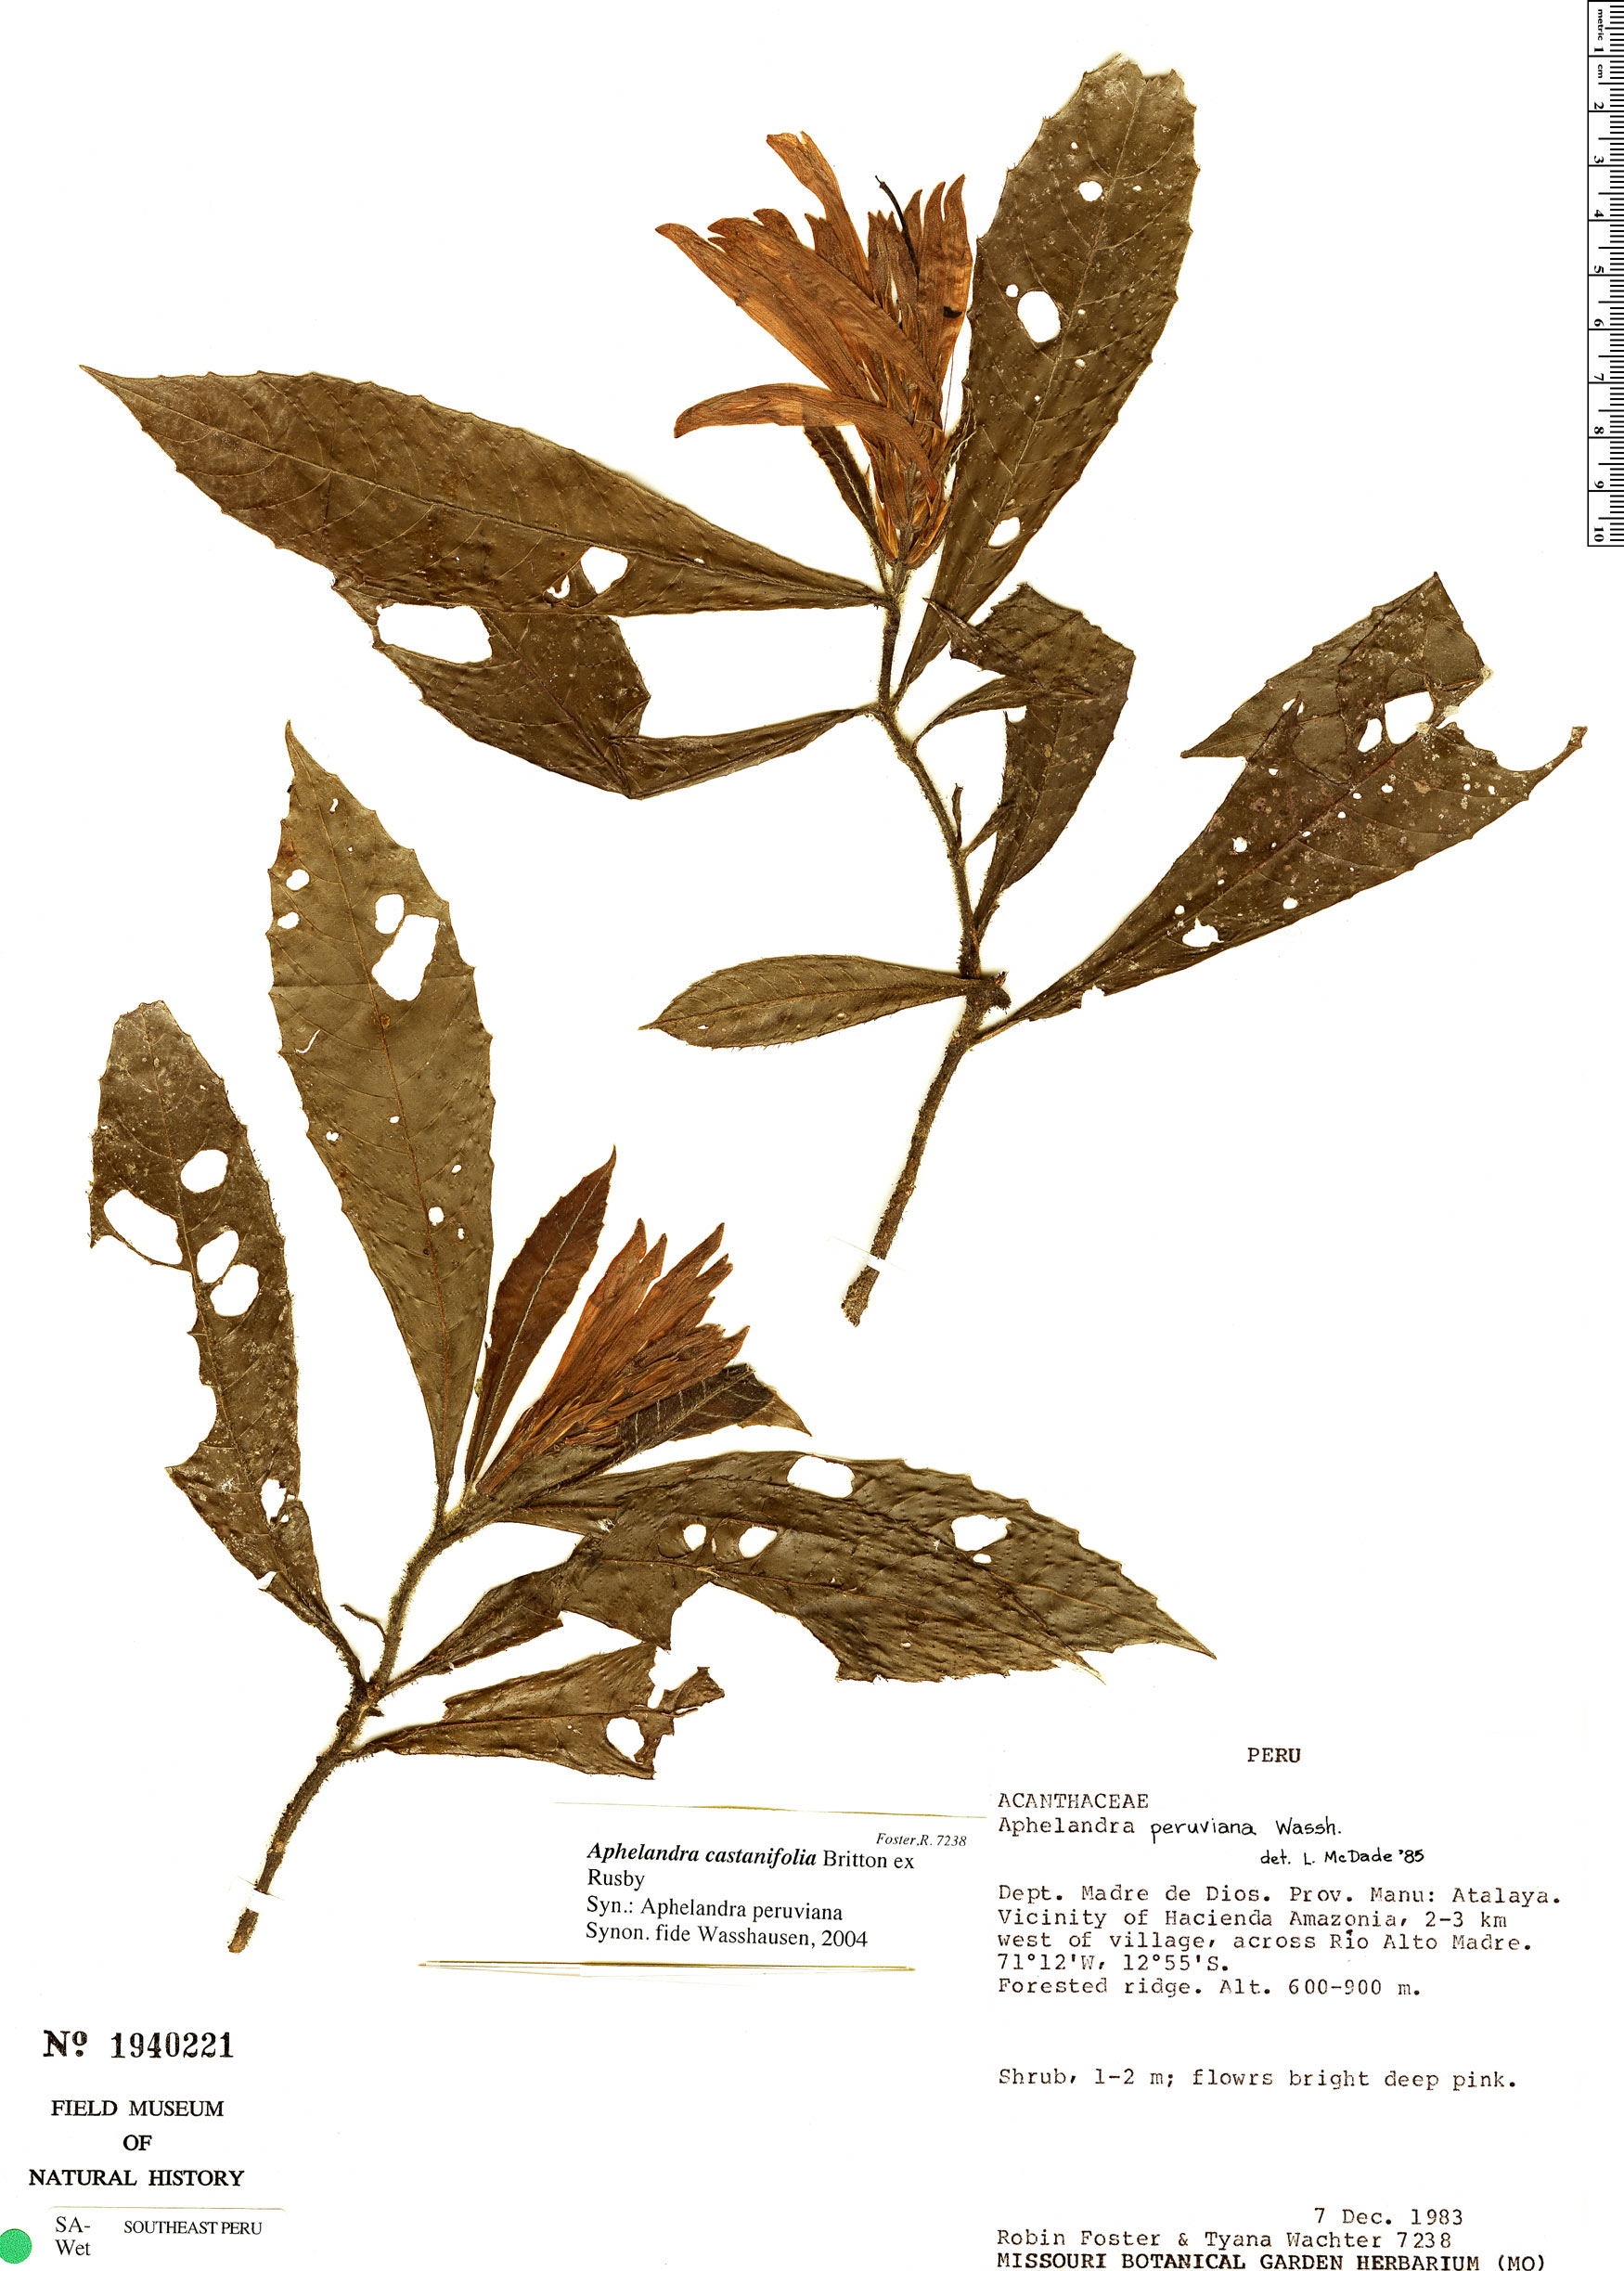 Specimen: Aphelandra castaneifolia